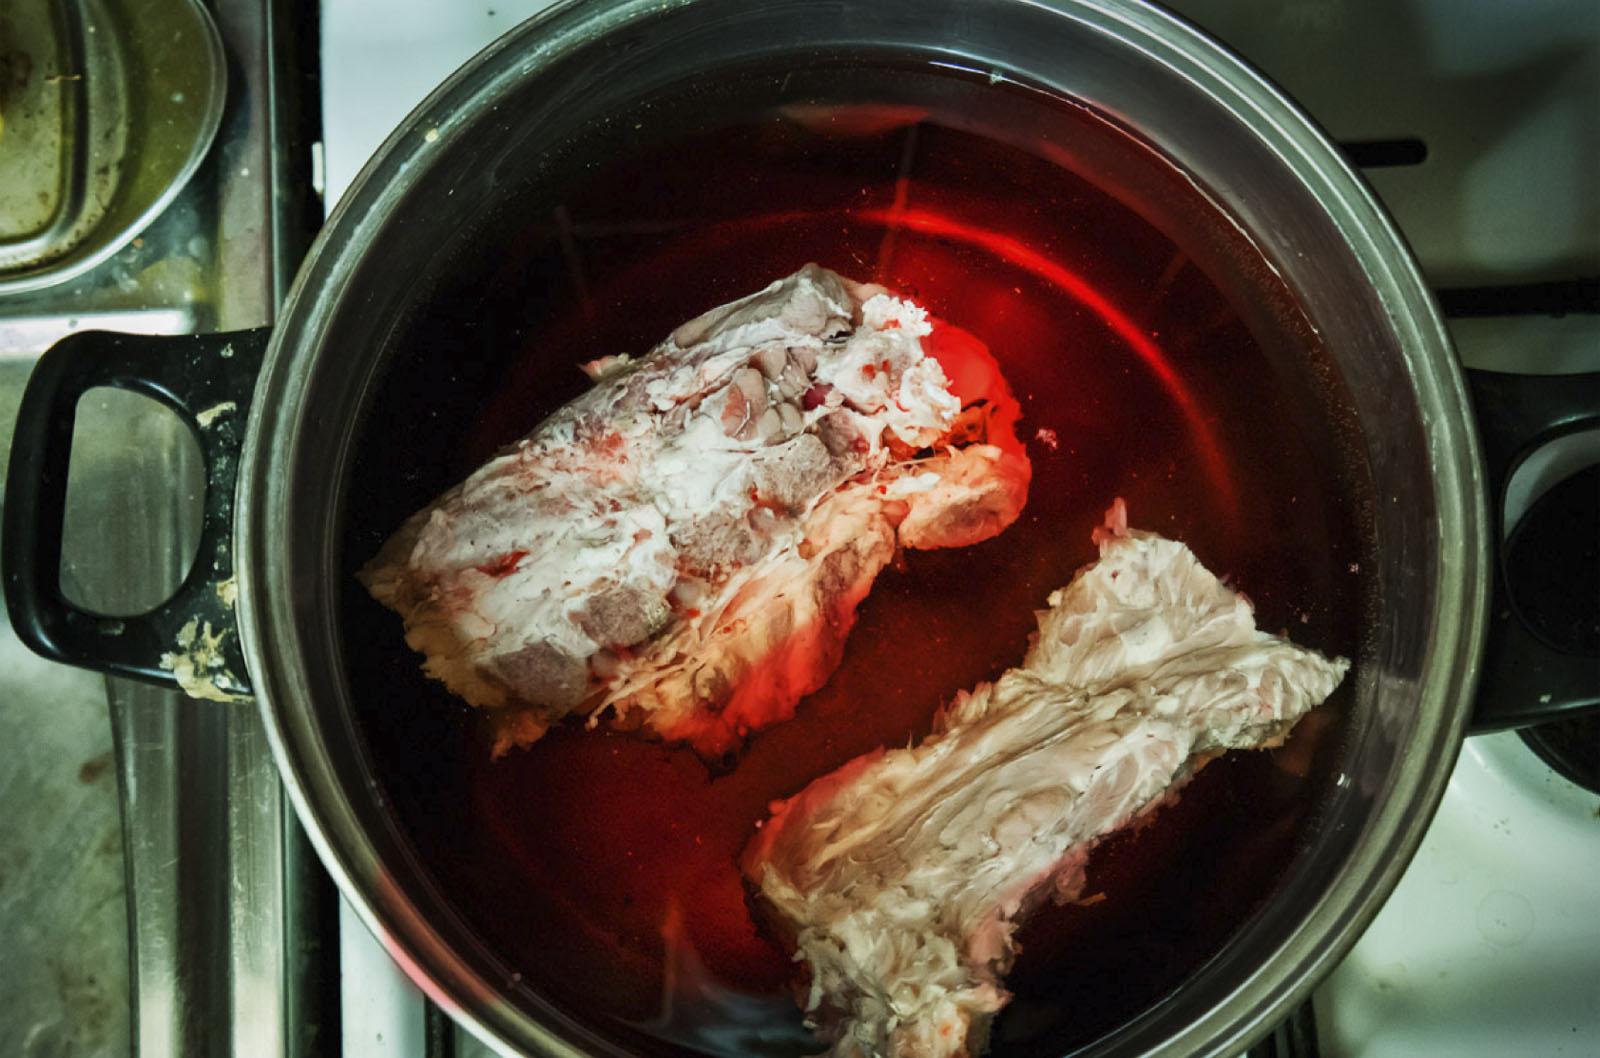 Mięso na obiad rozmraża się w garnku wody na kuchni Krzysztofa Gniadka, Radom, lutego 2014 roku (źródło: materiały prasowe organizatora)